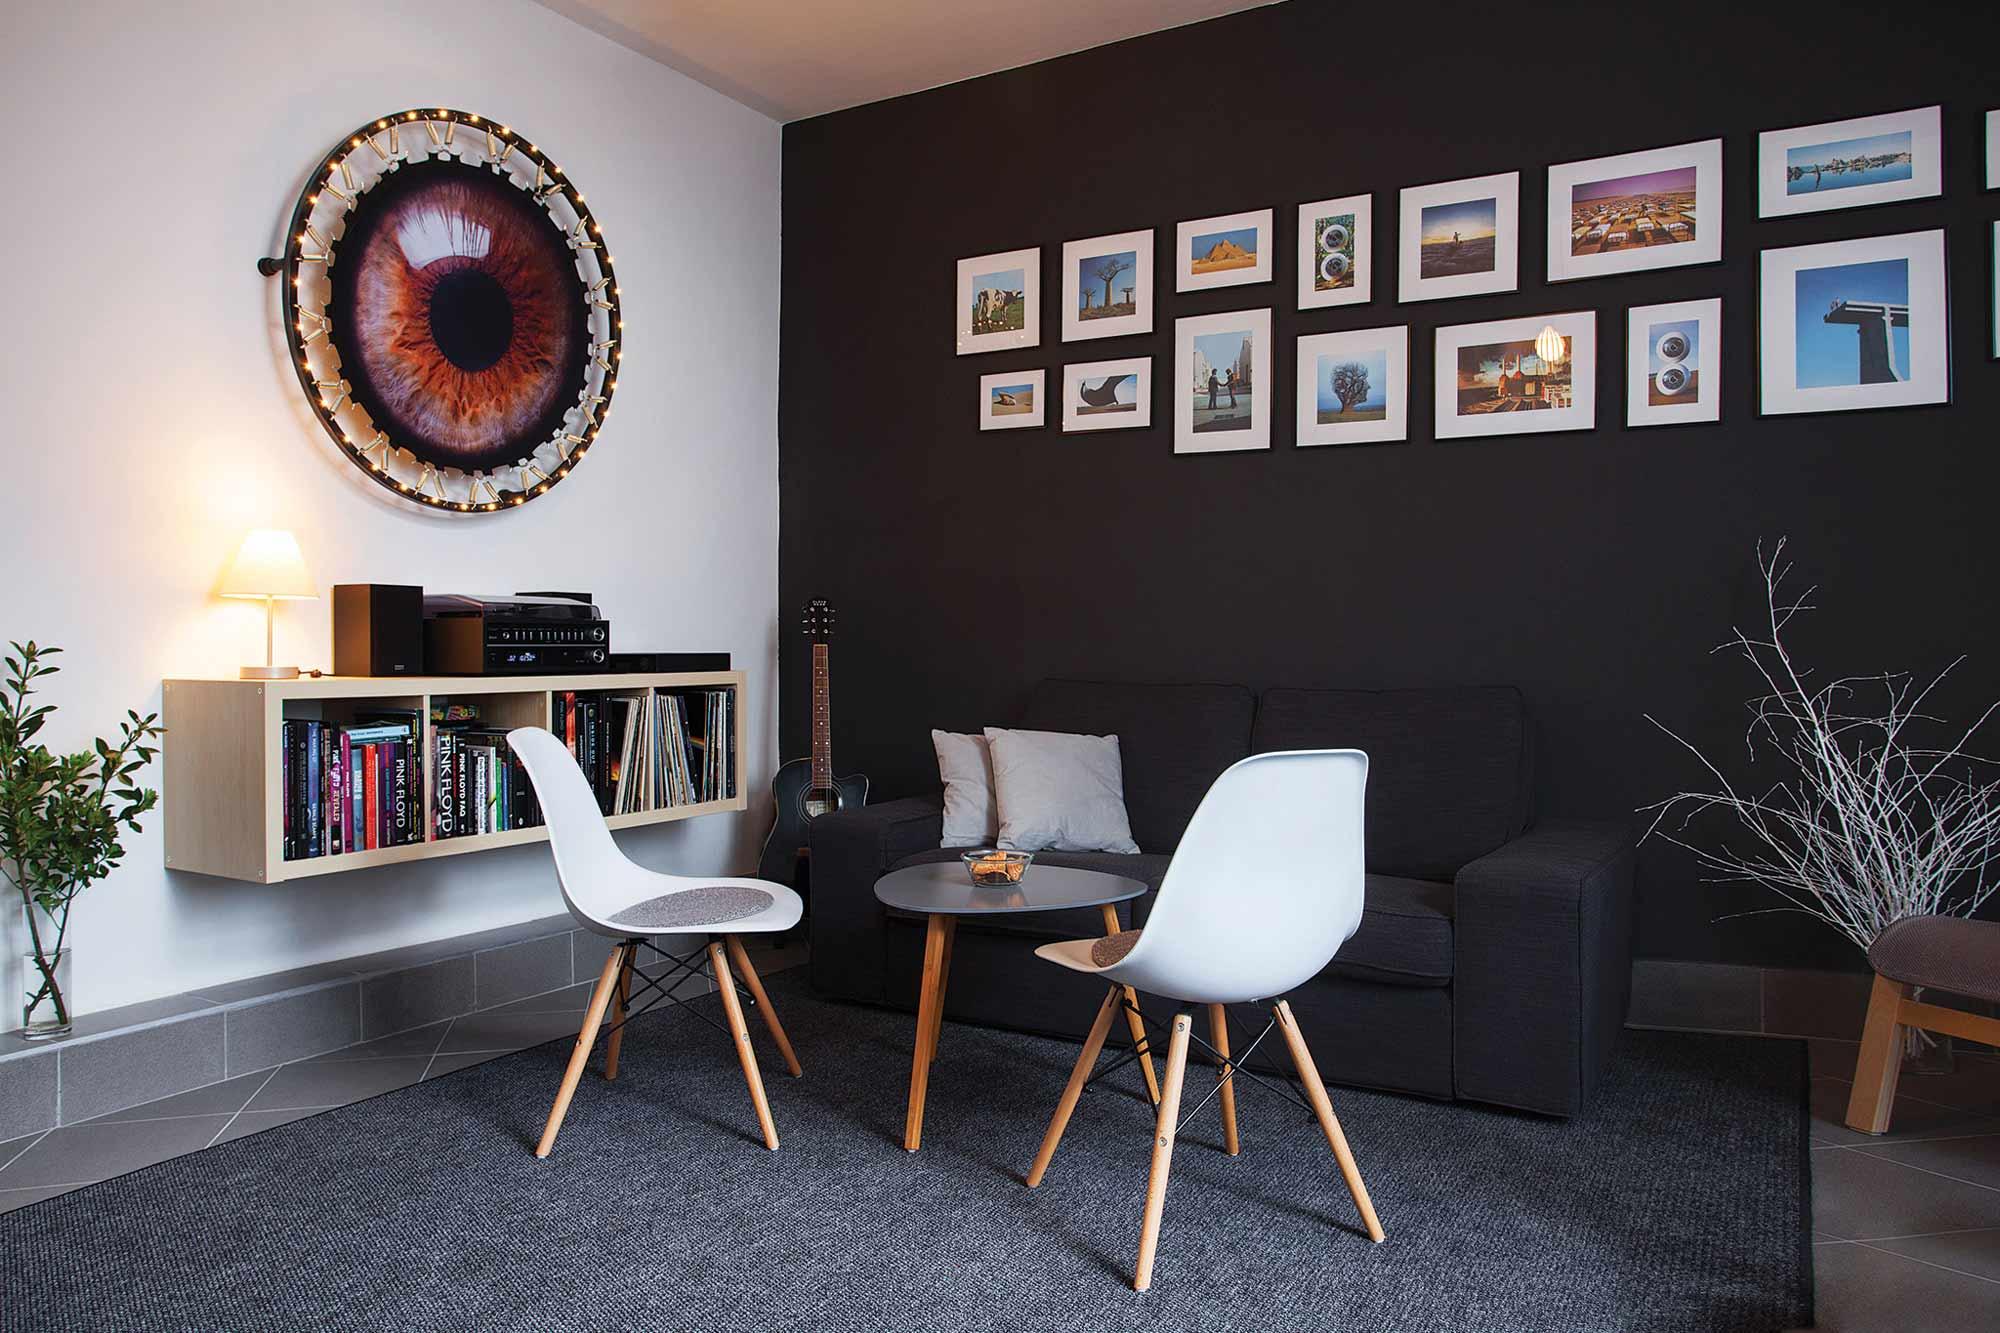 Floyd Room - priča o brendiranju obiteljskog smještaja